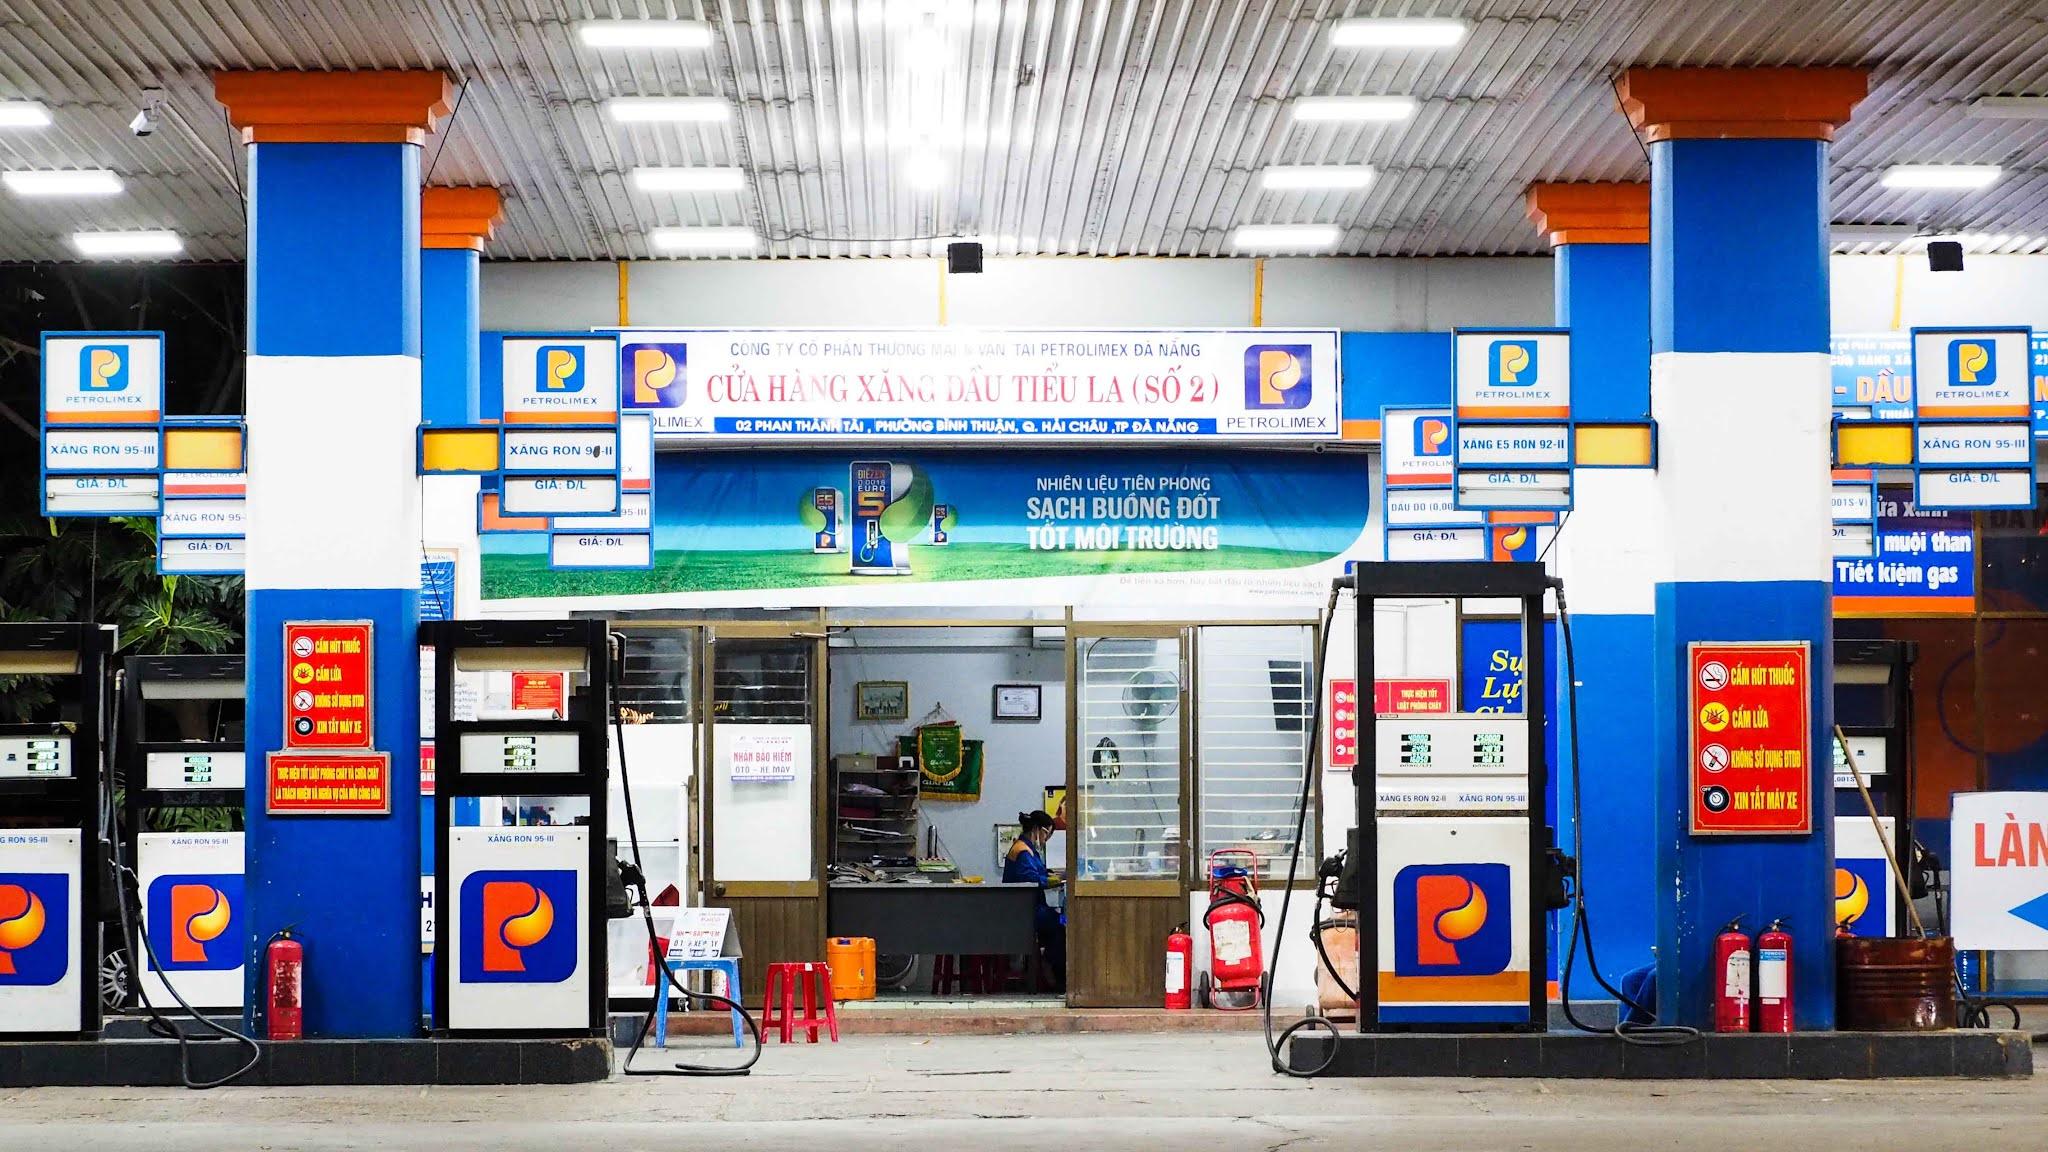 Xăng dầu Đà Nẵng - Hệ thống cơ sở kinh doanh dịch vụ thiết yếu tại Đà Nẵng